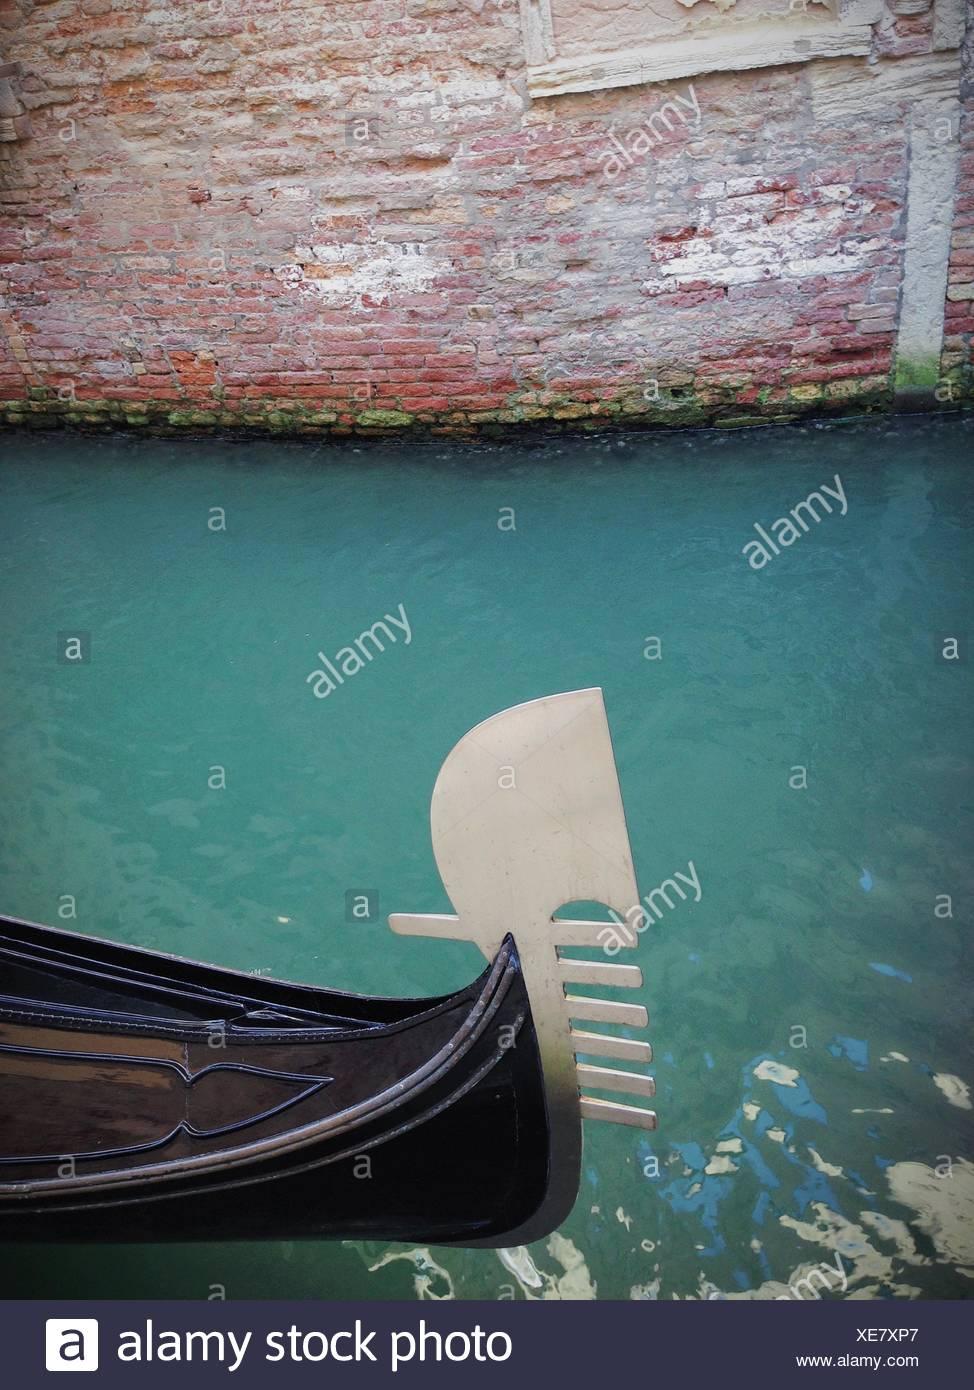 L'Italie, Venise, ornement typique de bateaux Photo Stock